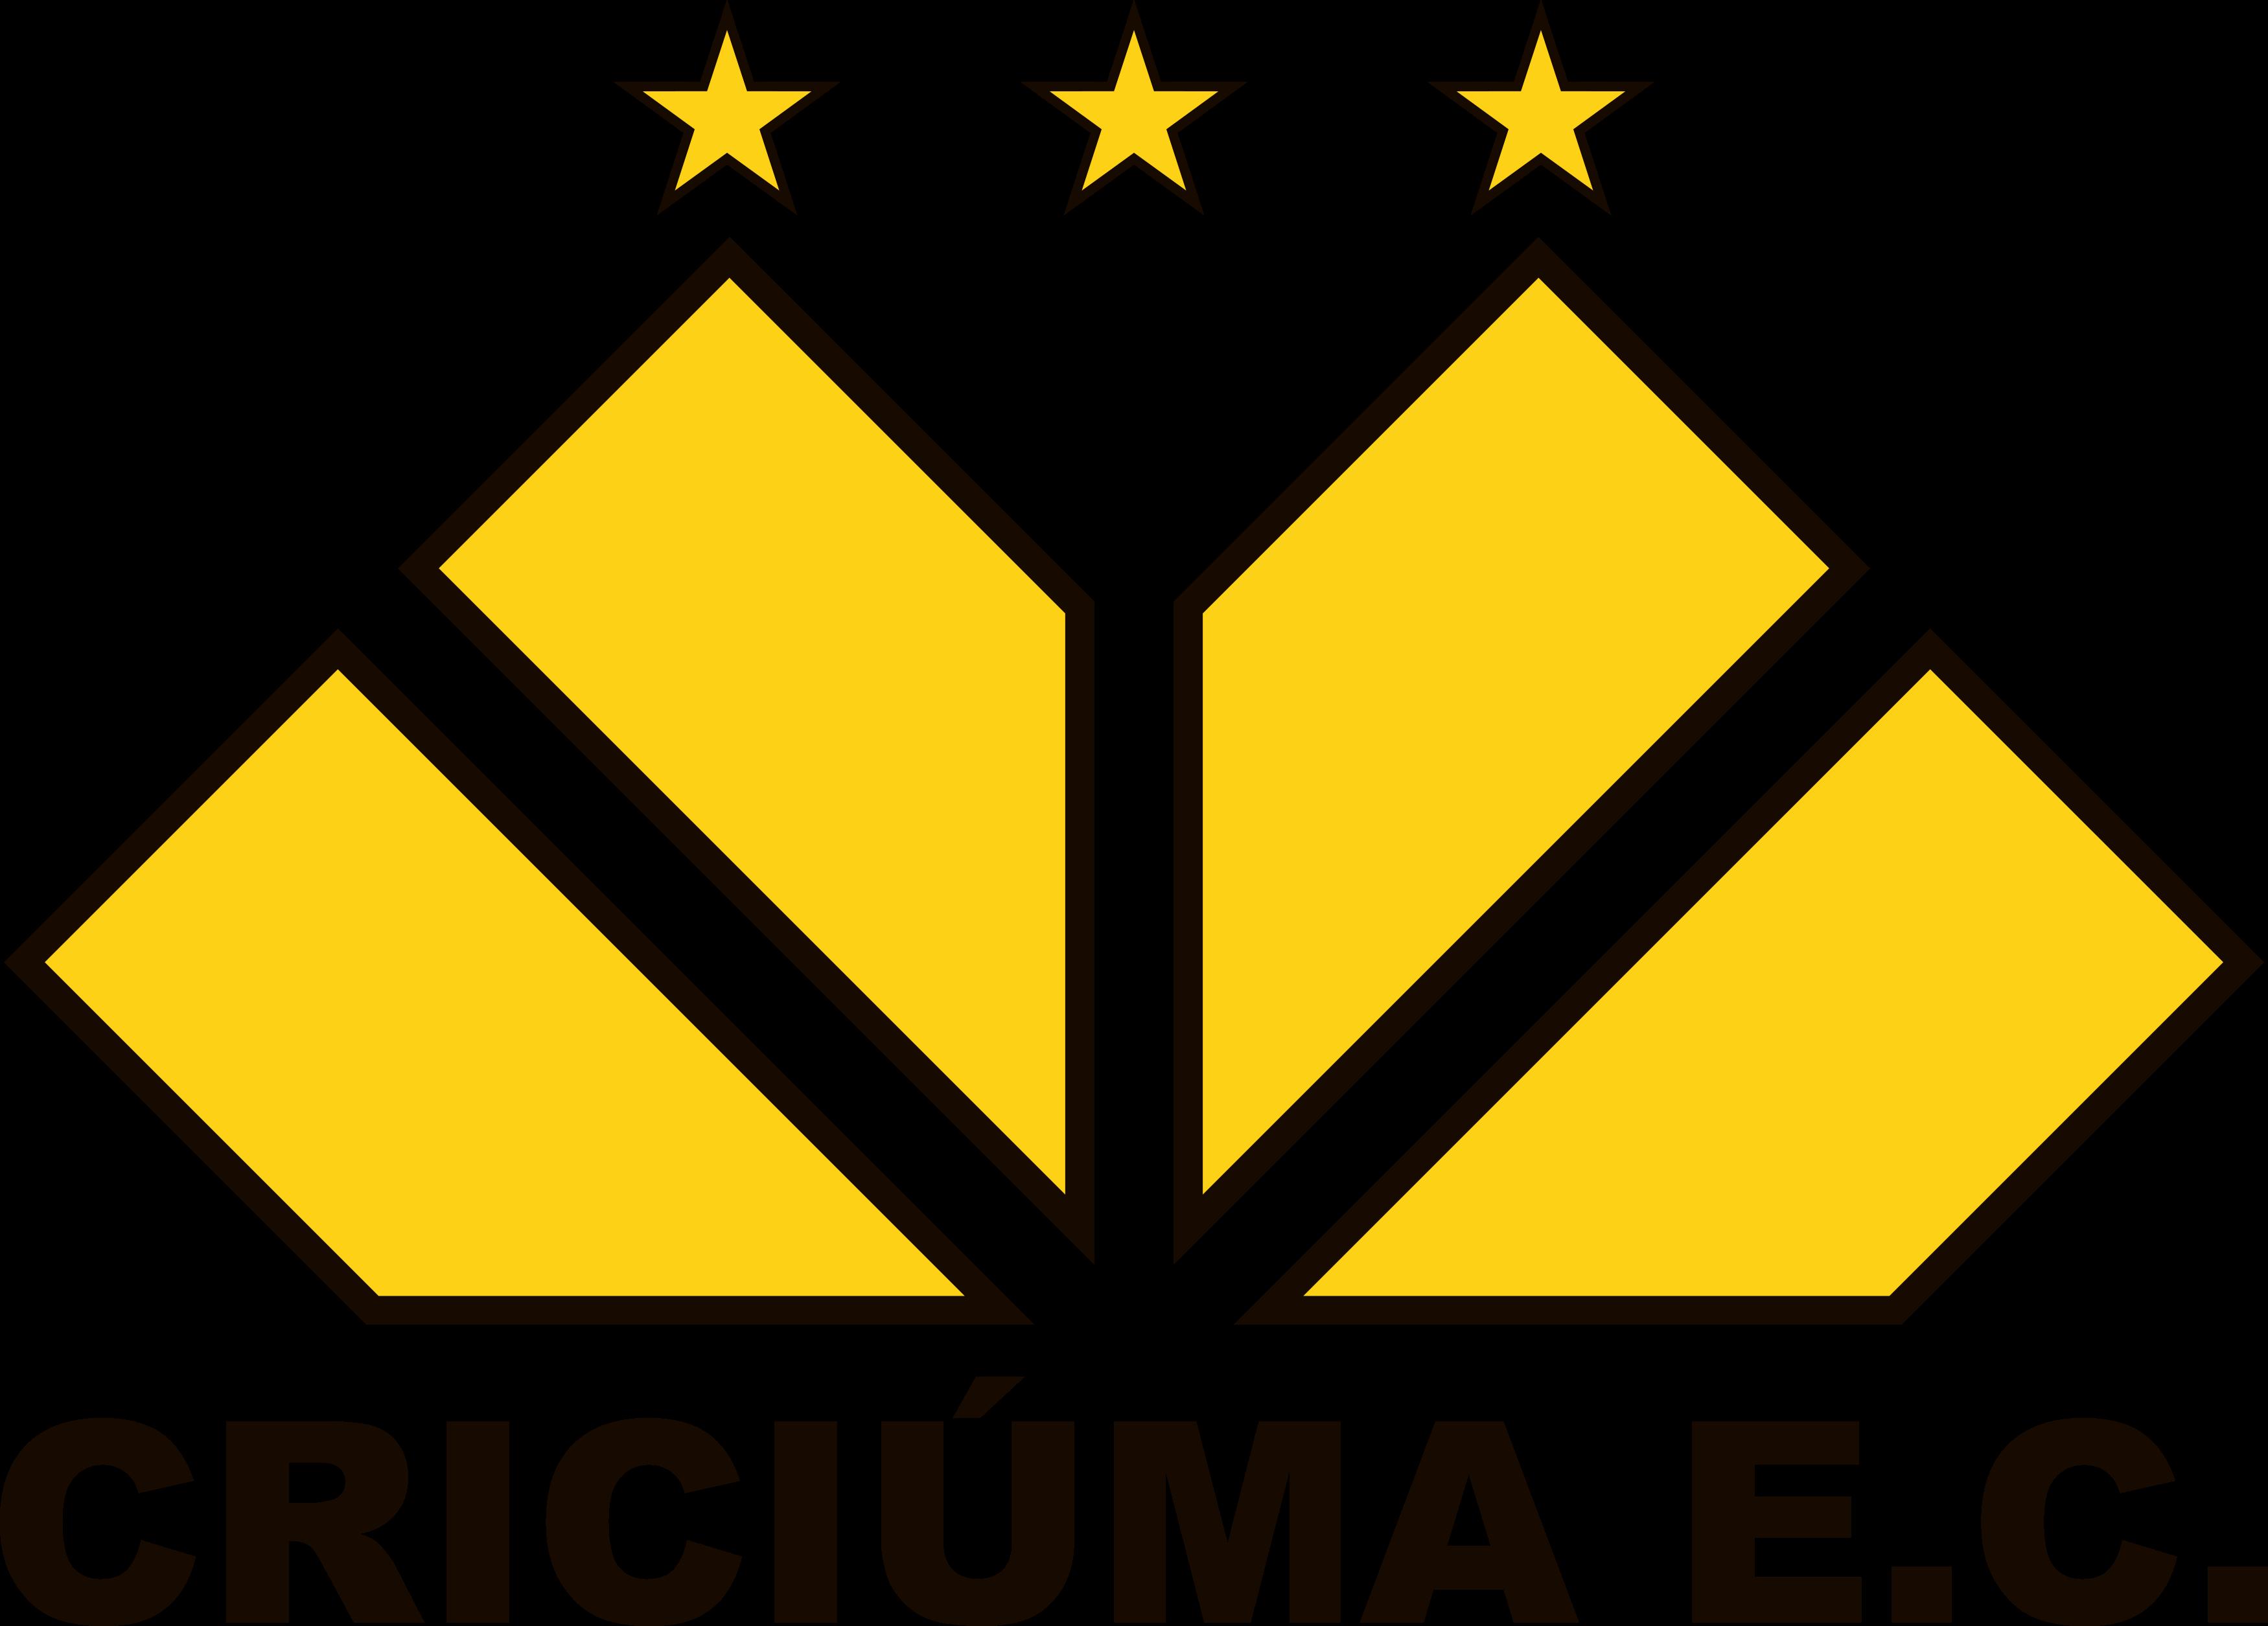 Criciúma logo, escudo.